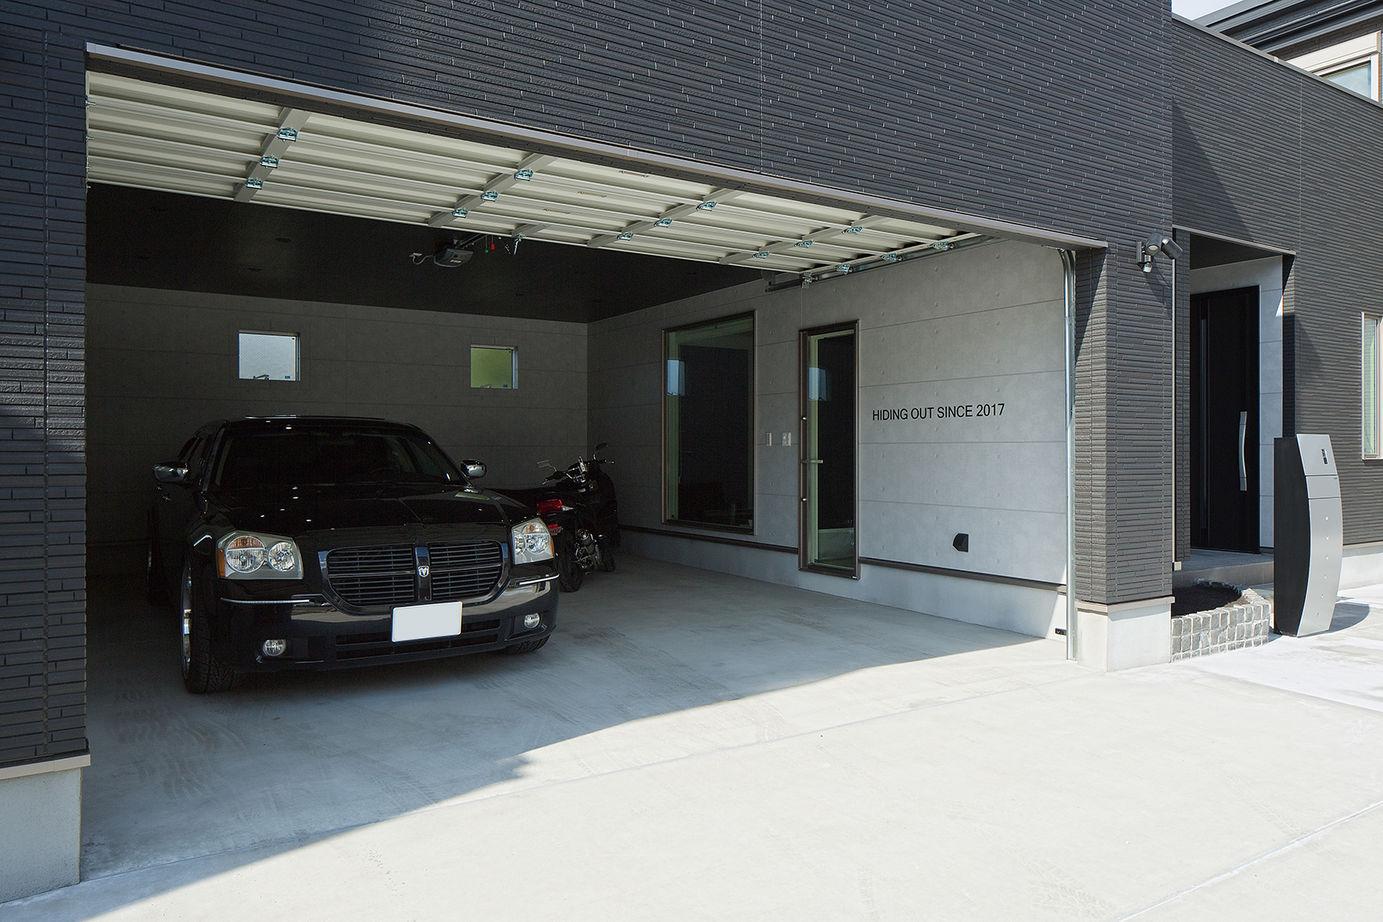 【2163万円・間取図有】こだわりのガレージハウスで、2台の愛車やバイクと思い切り遊ぶ住まいを画像2